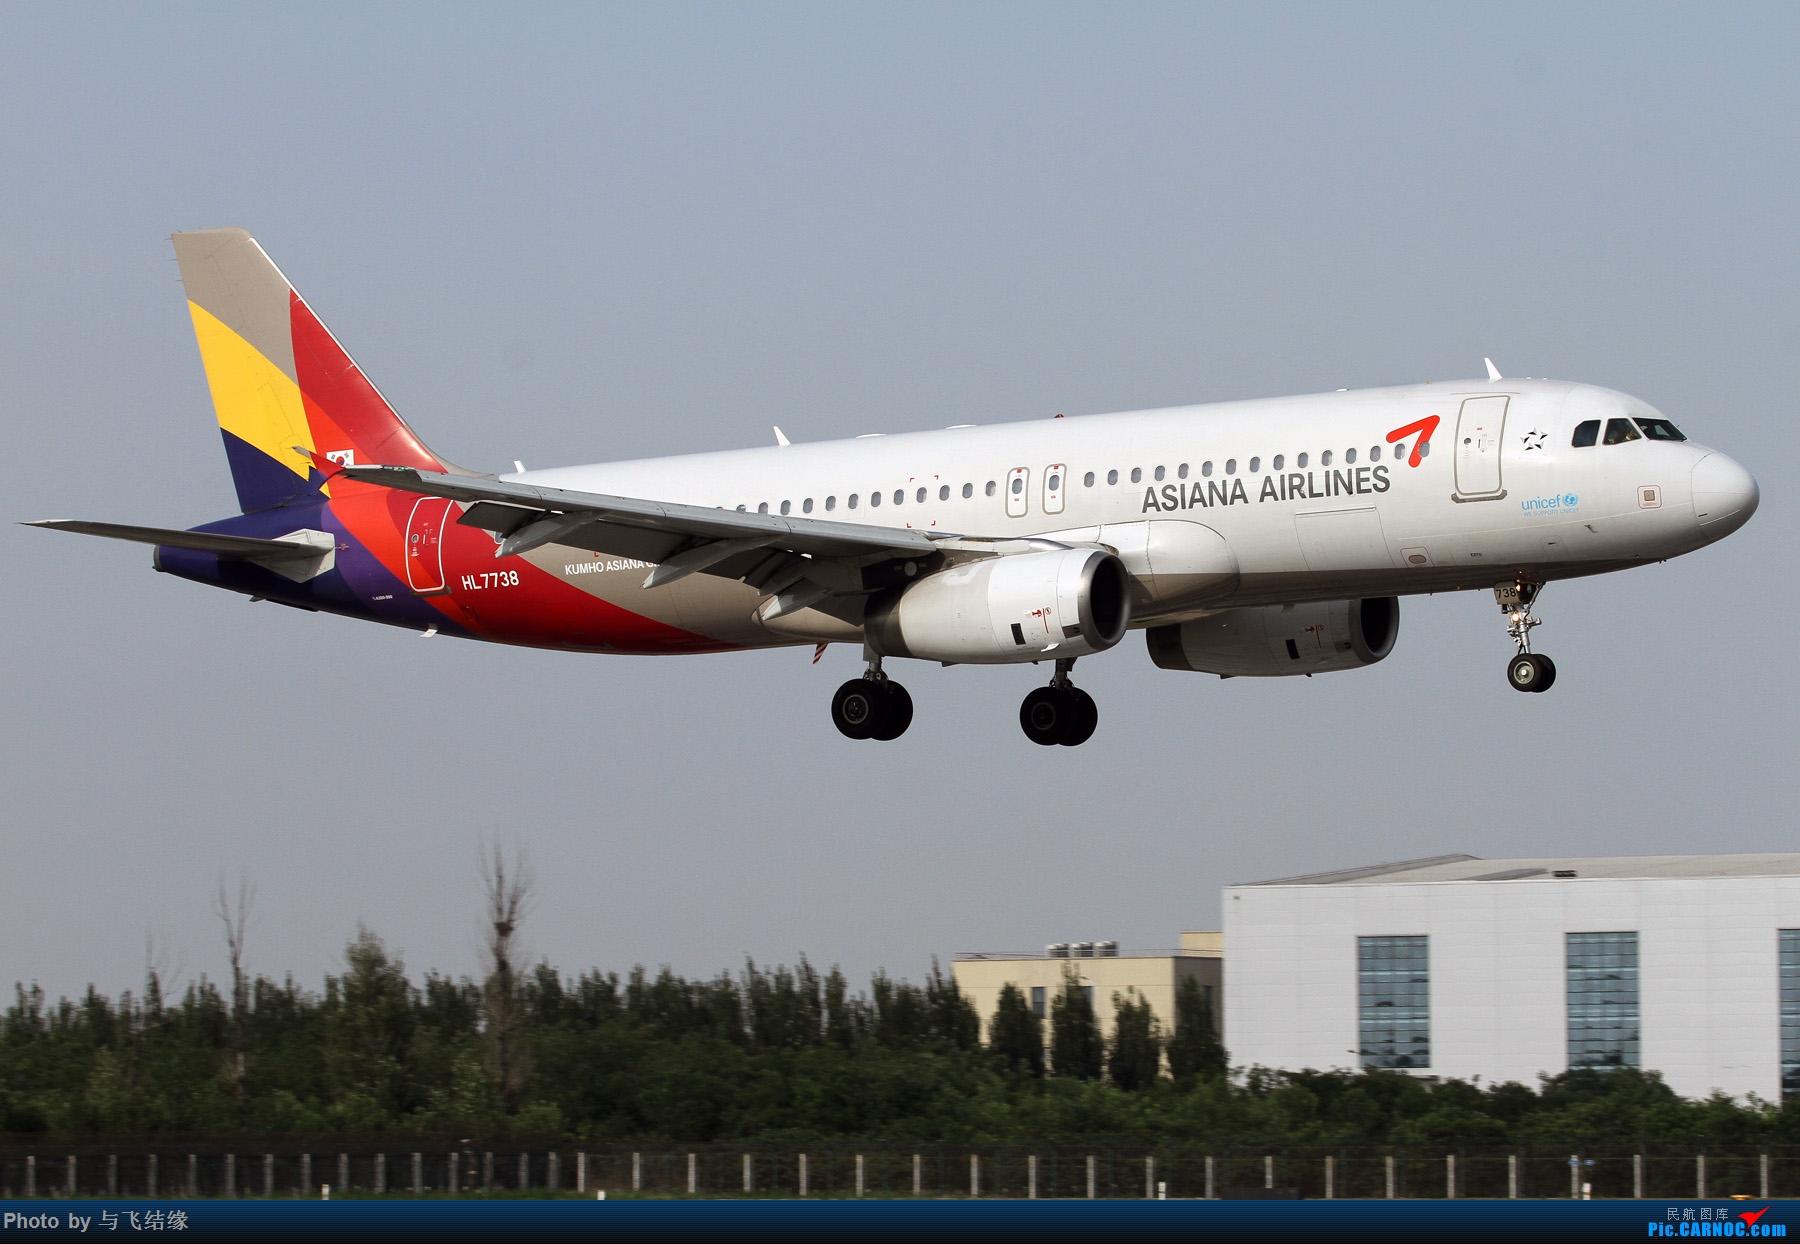 Re:[原创]3.20随便发几张空客320吧! AIRBUS A320 HL-7738 中国北京首都国际机场